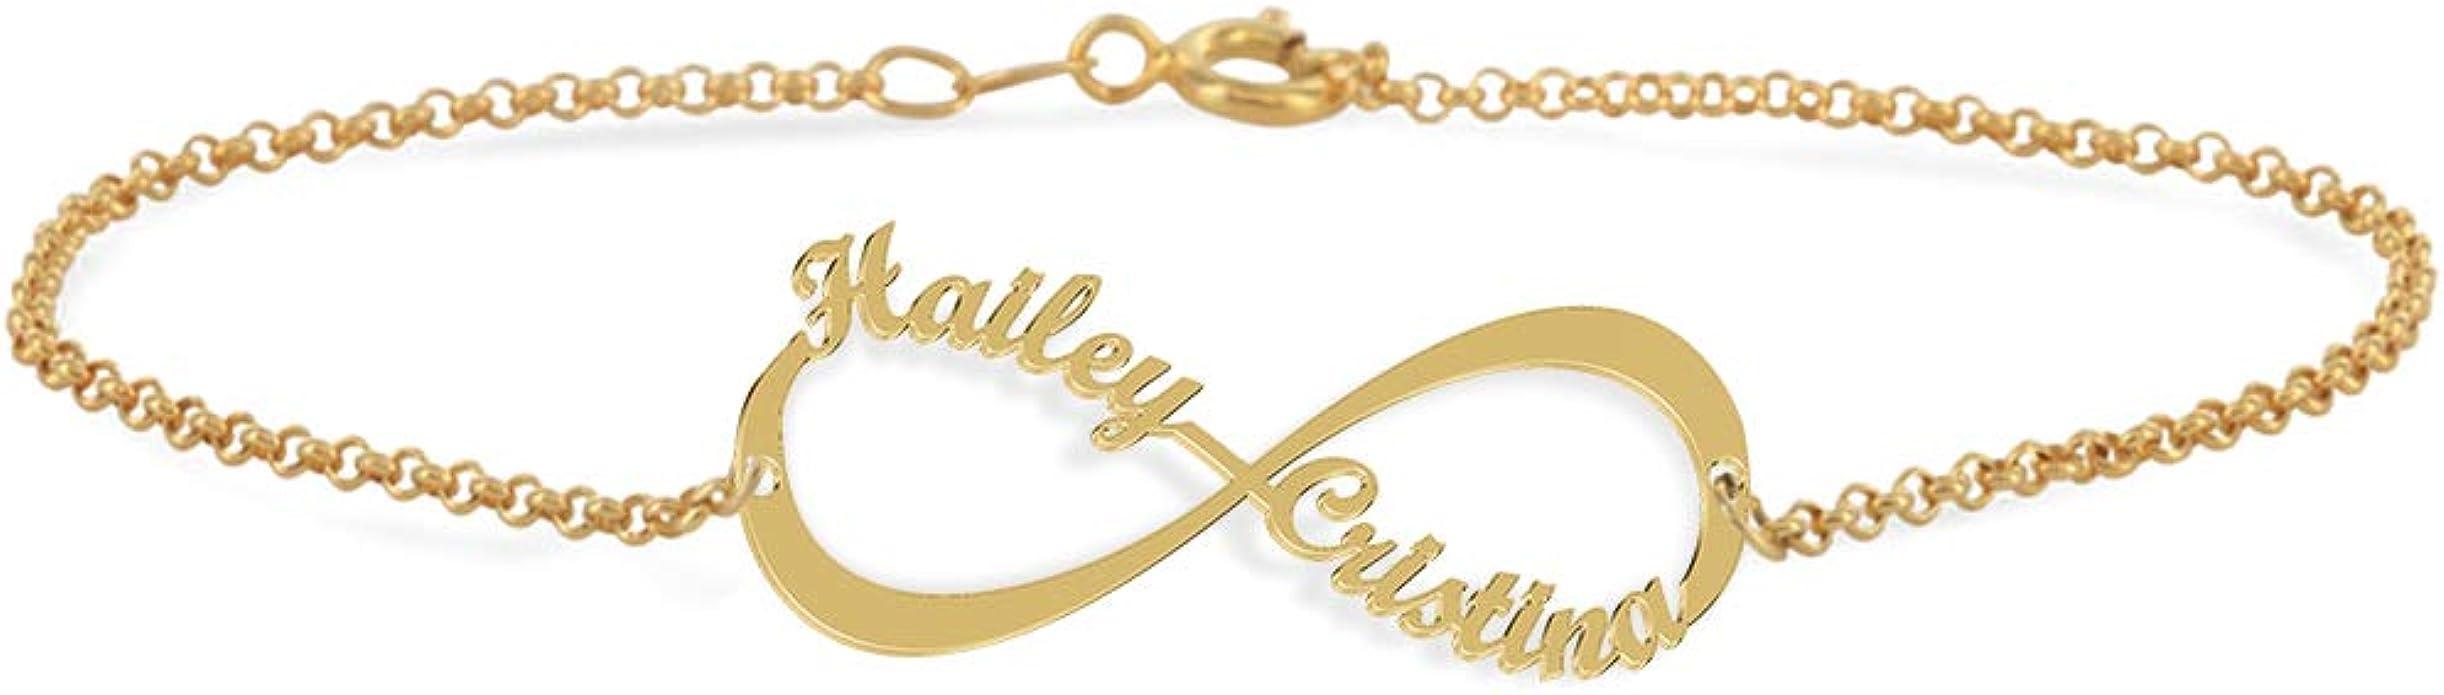 bracelet femme infini prenom